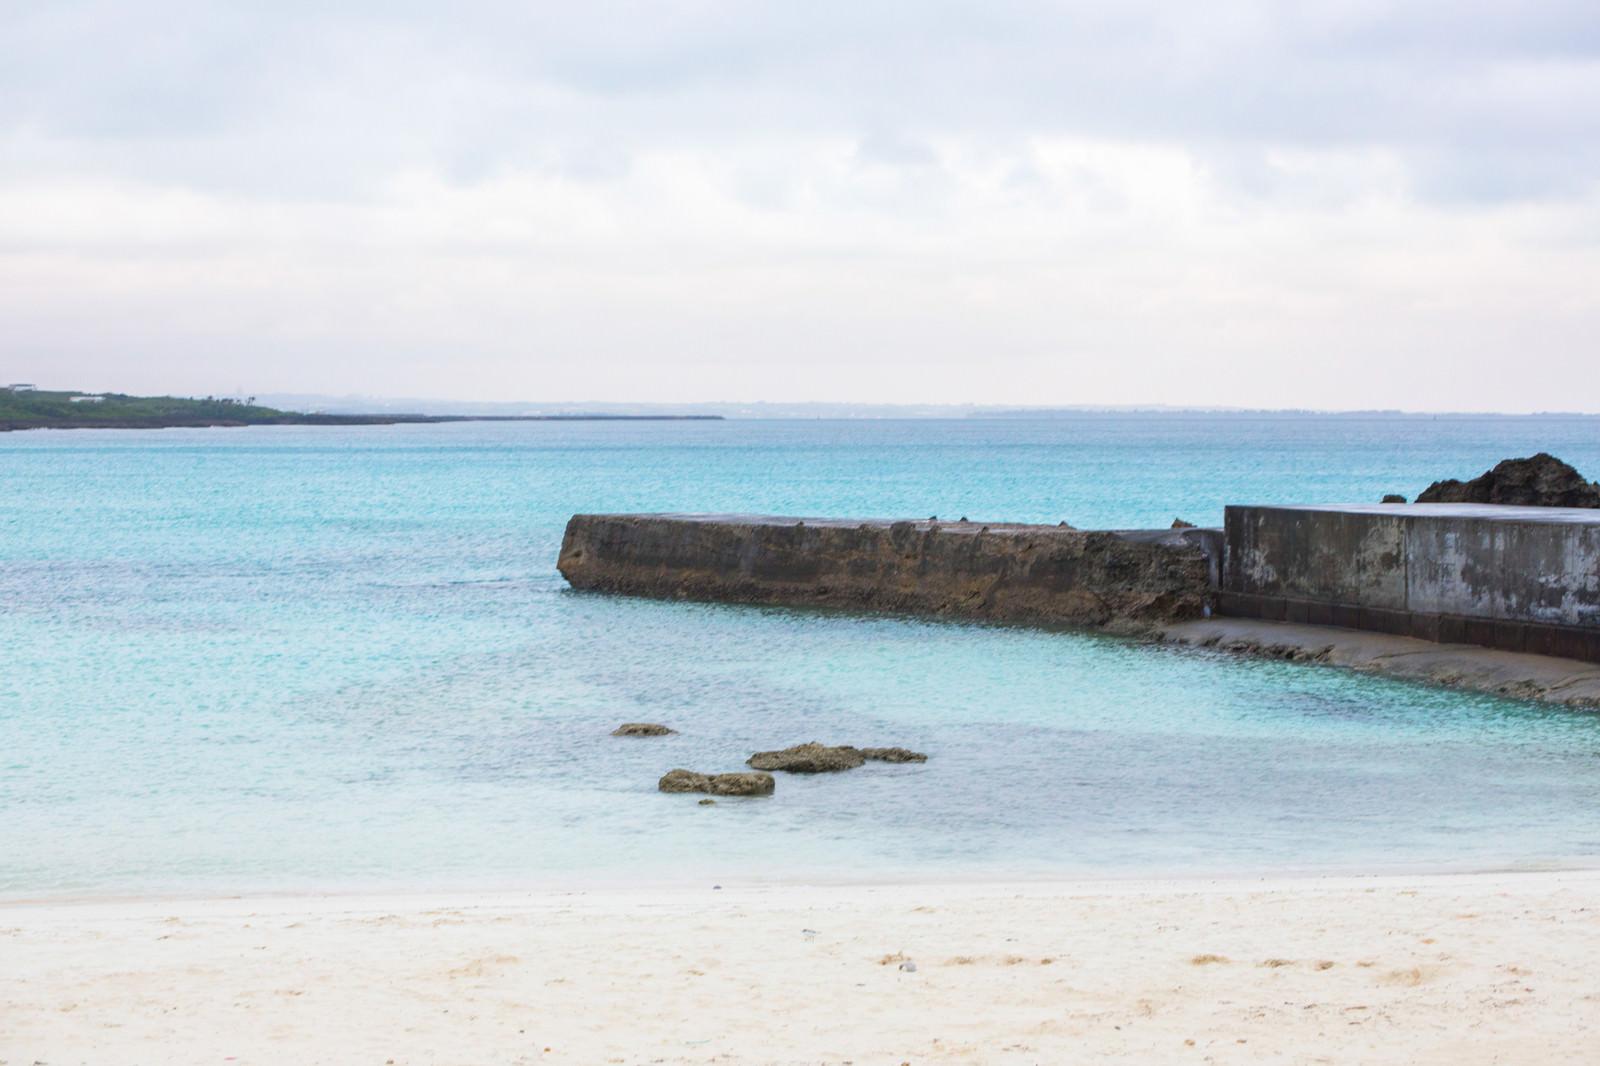 「防波堤と宮古島の海」の写真